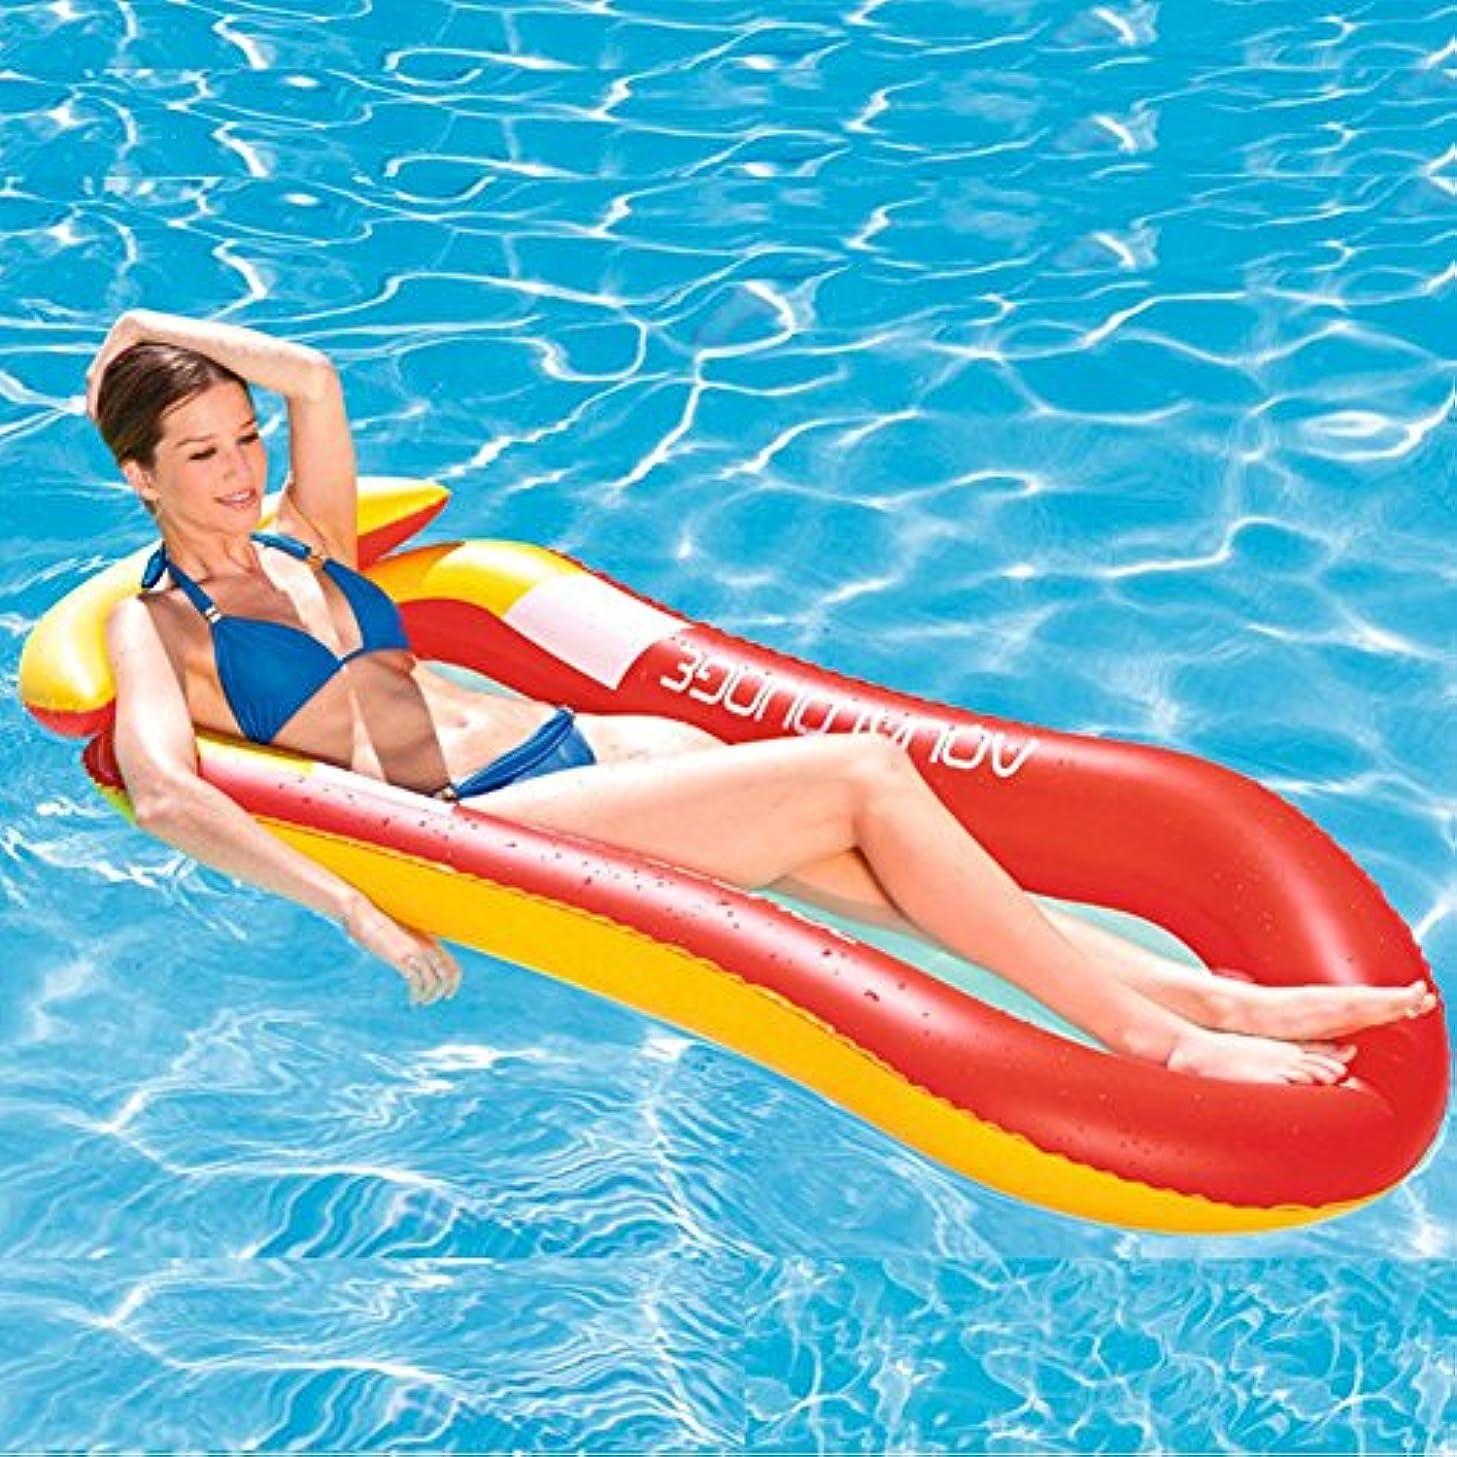 ヒントモッキンバード地球夏インフレータブルフローティングベッドSingle Person容量プールFloats Water Hammock Loungerビーチマットforアウトドア水泳Relaxingまたはプールパーティーの大人と子供